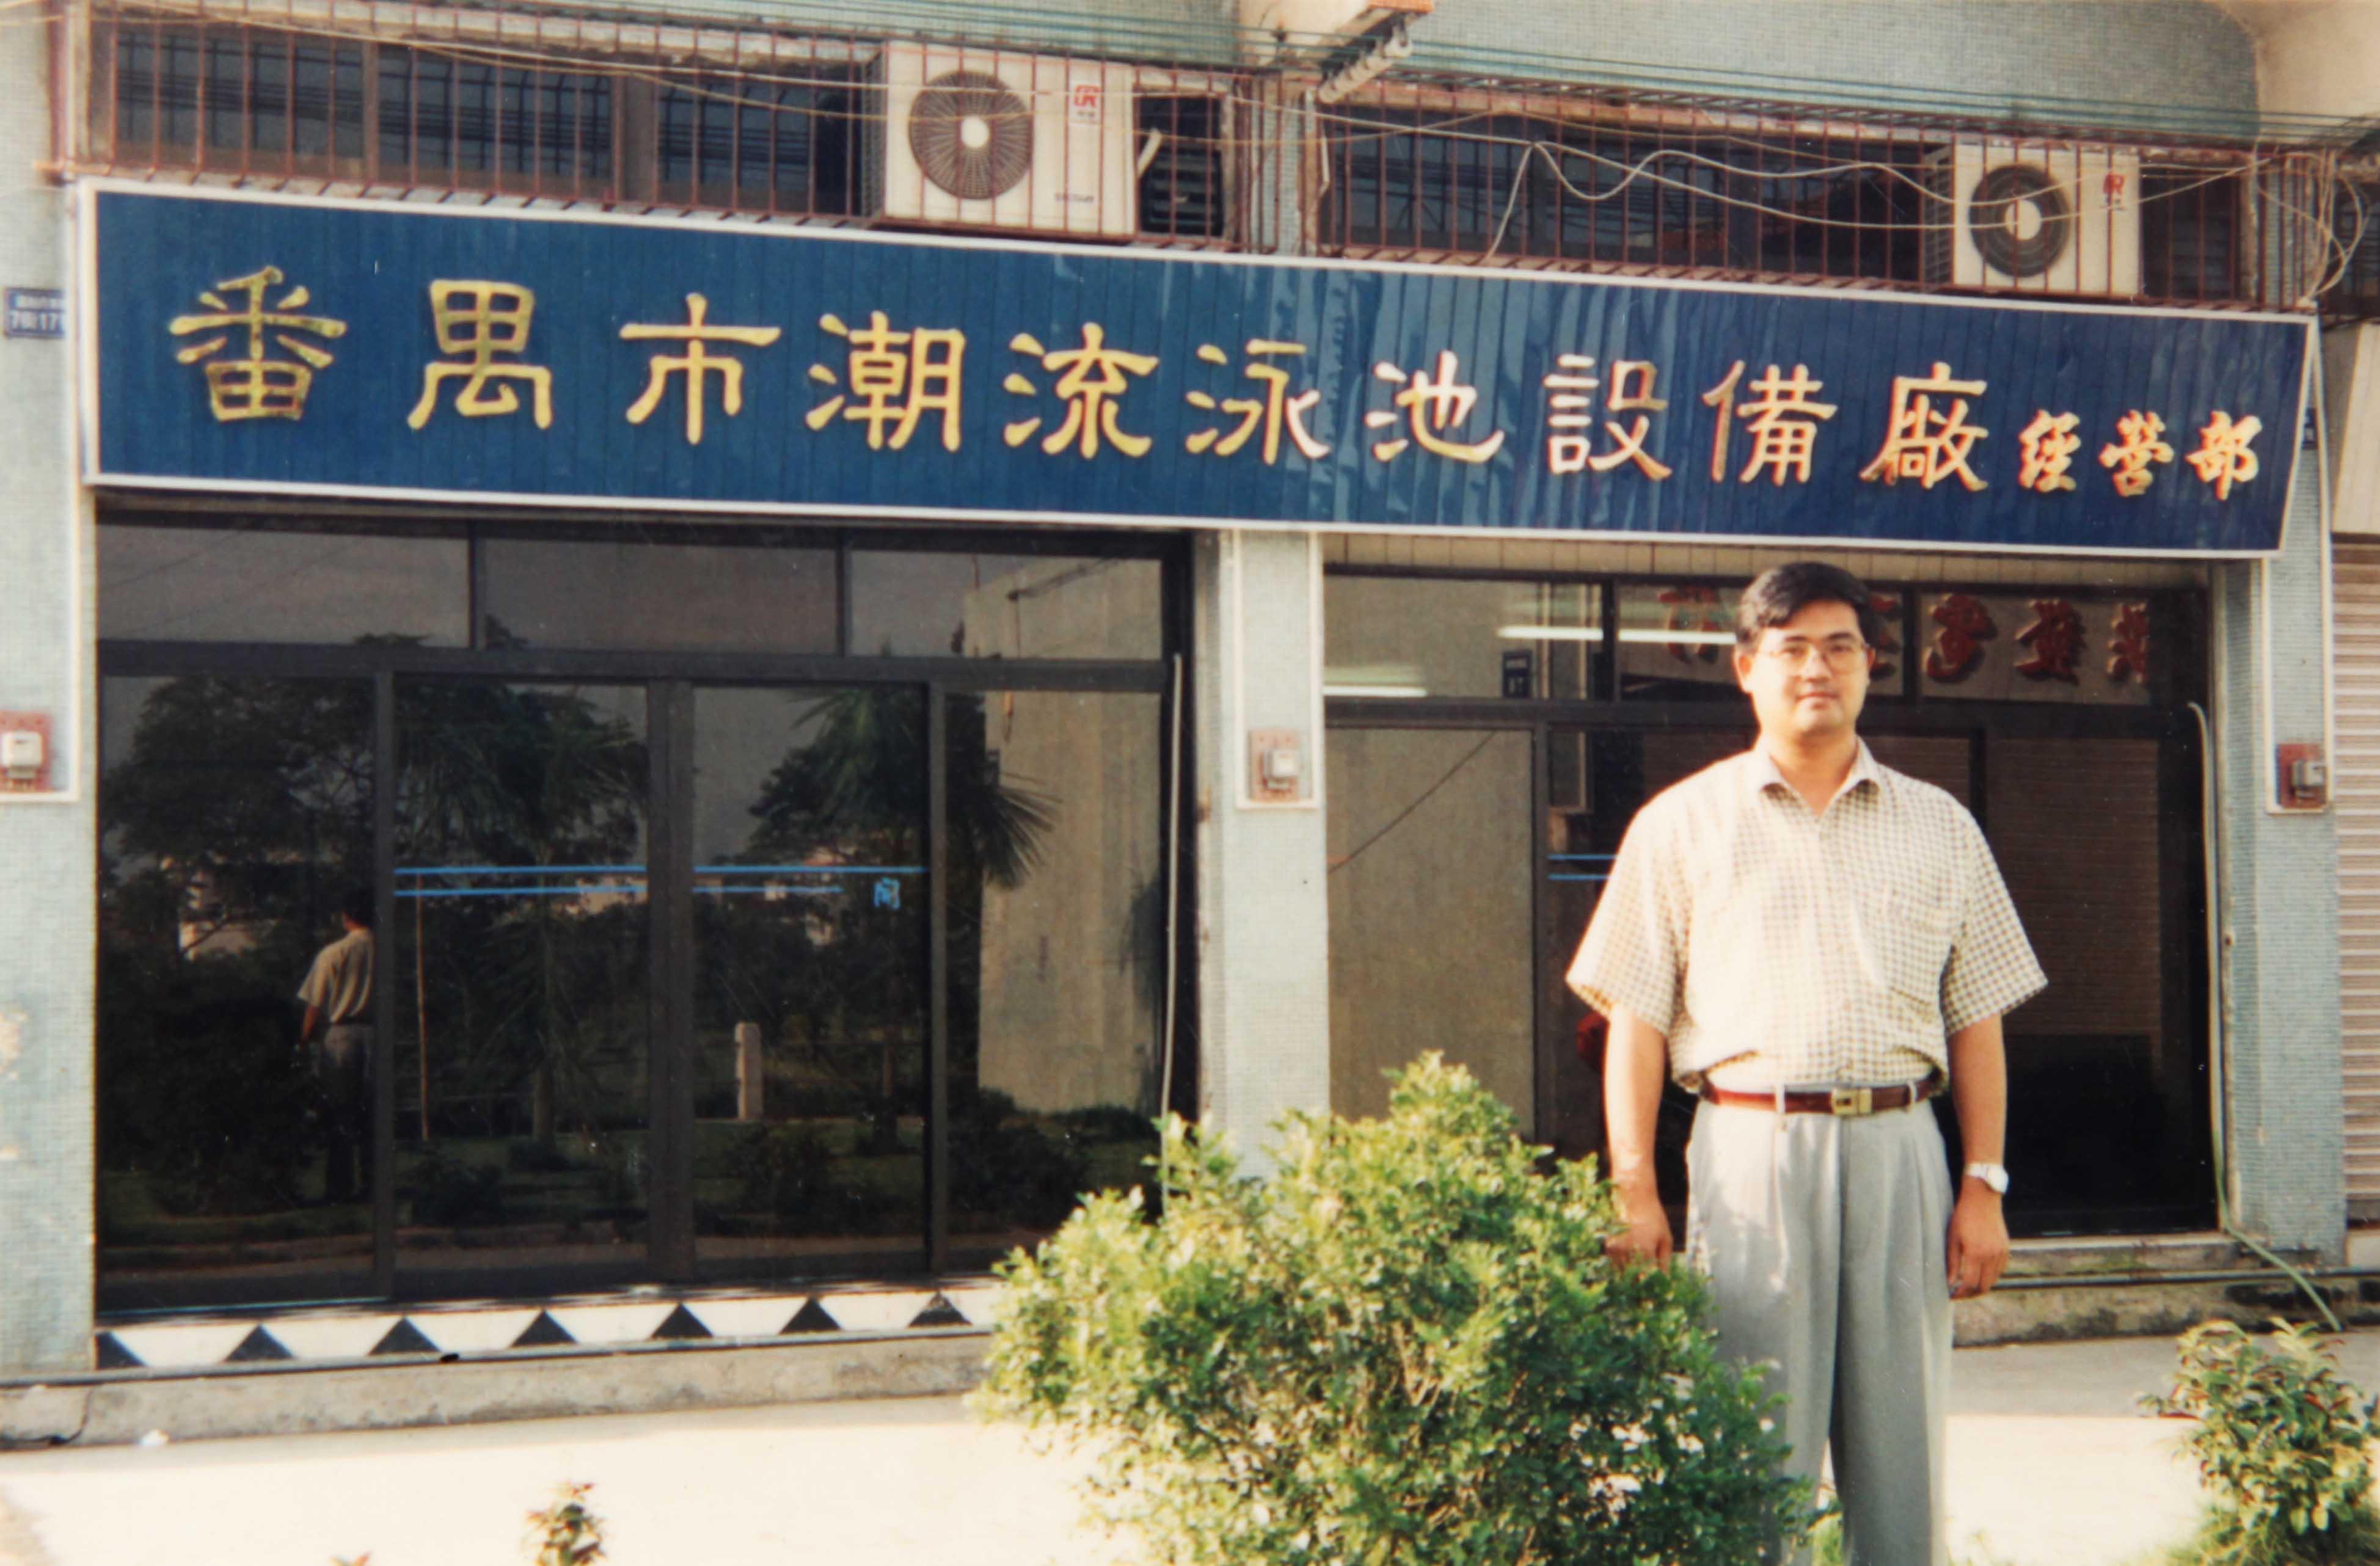 Guangzhou Panyu Trend Waterpark Construction Co., Ltd